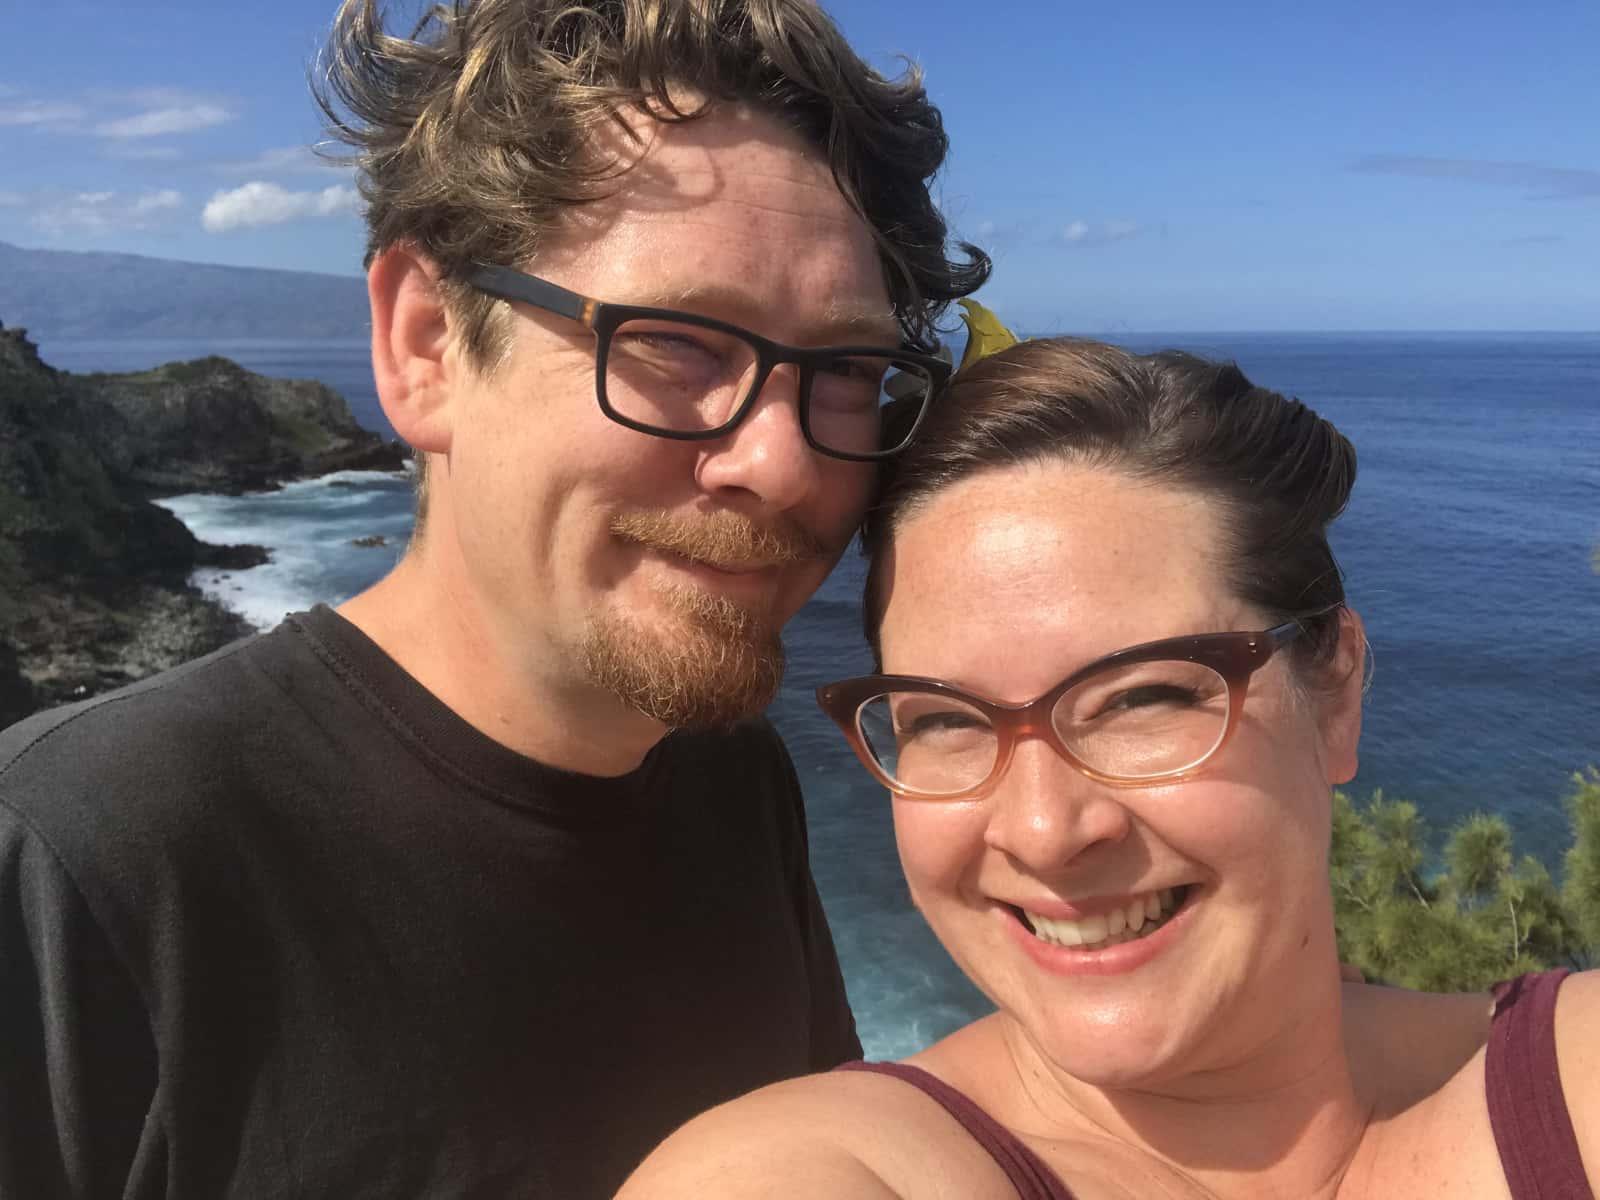 Amanda & James from Seattle, Washington, United States